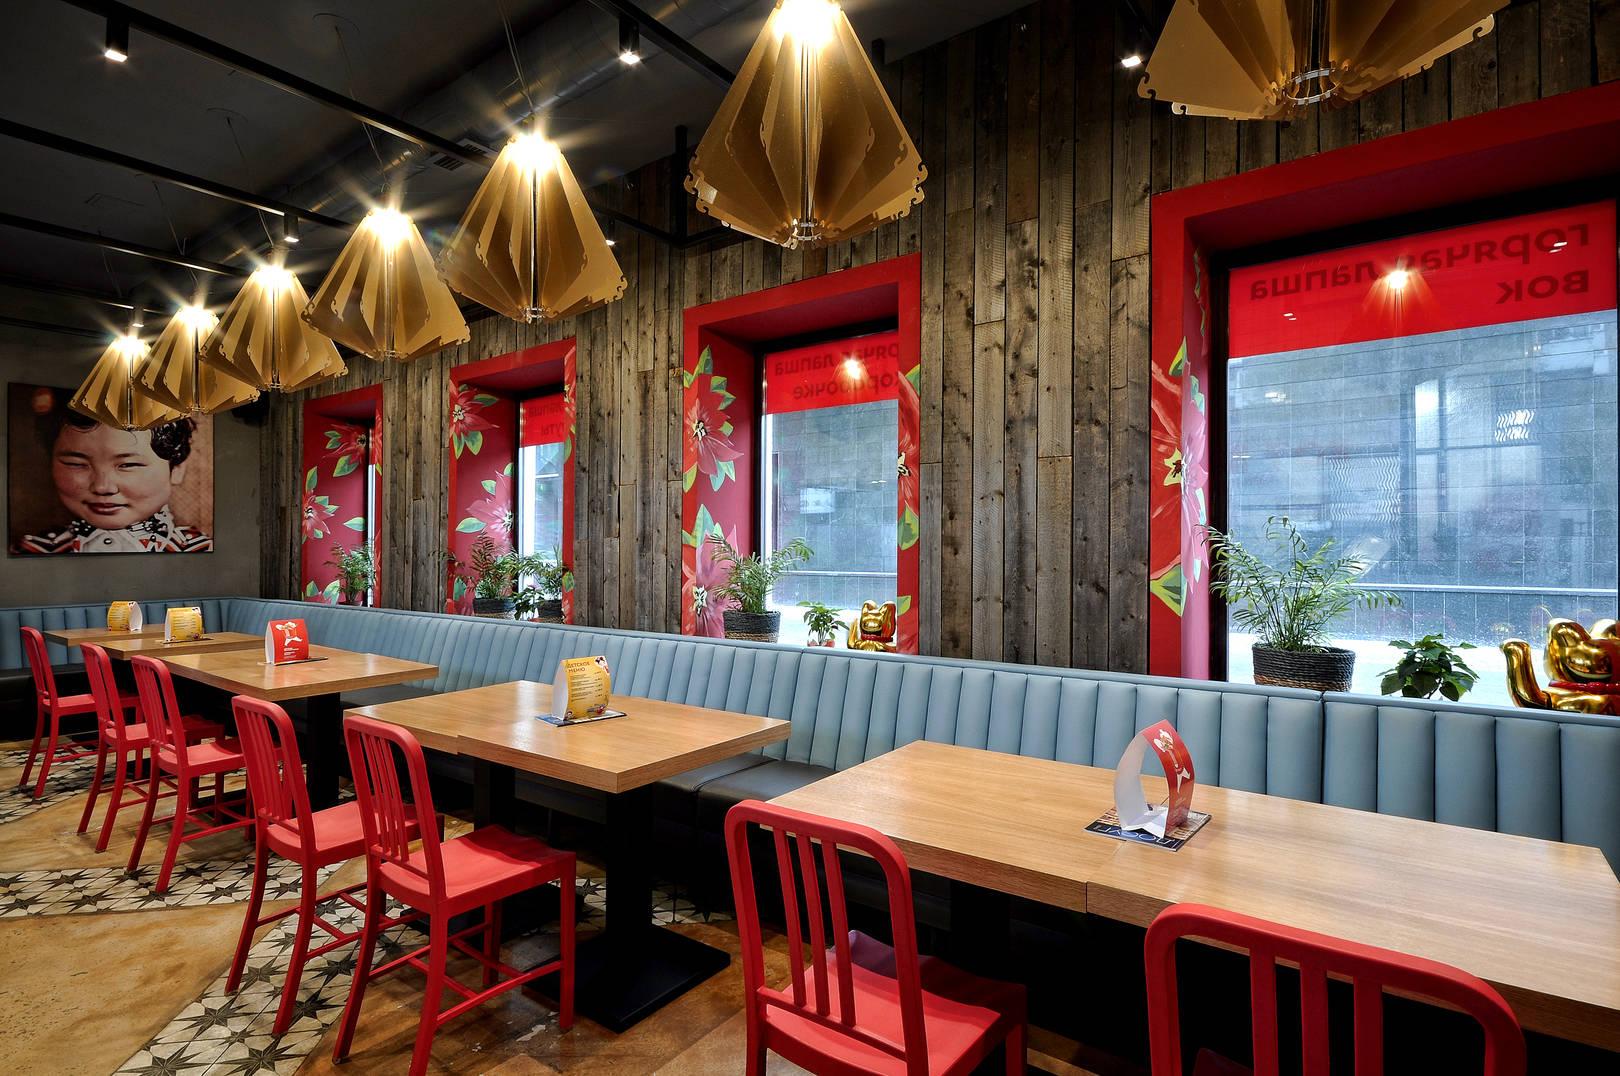 Интерьер наполнен простыми и натуральными материалами, такими как бетон, дерево и металл.